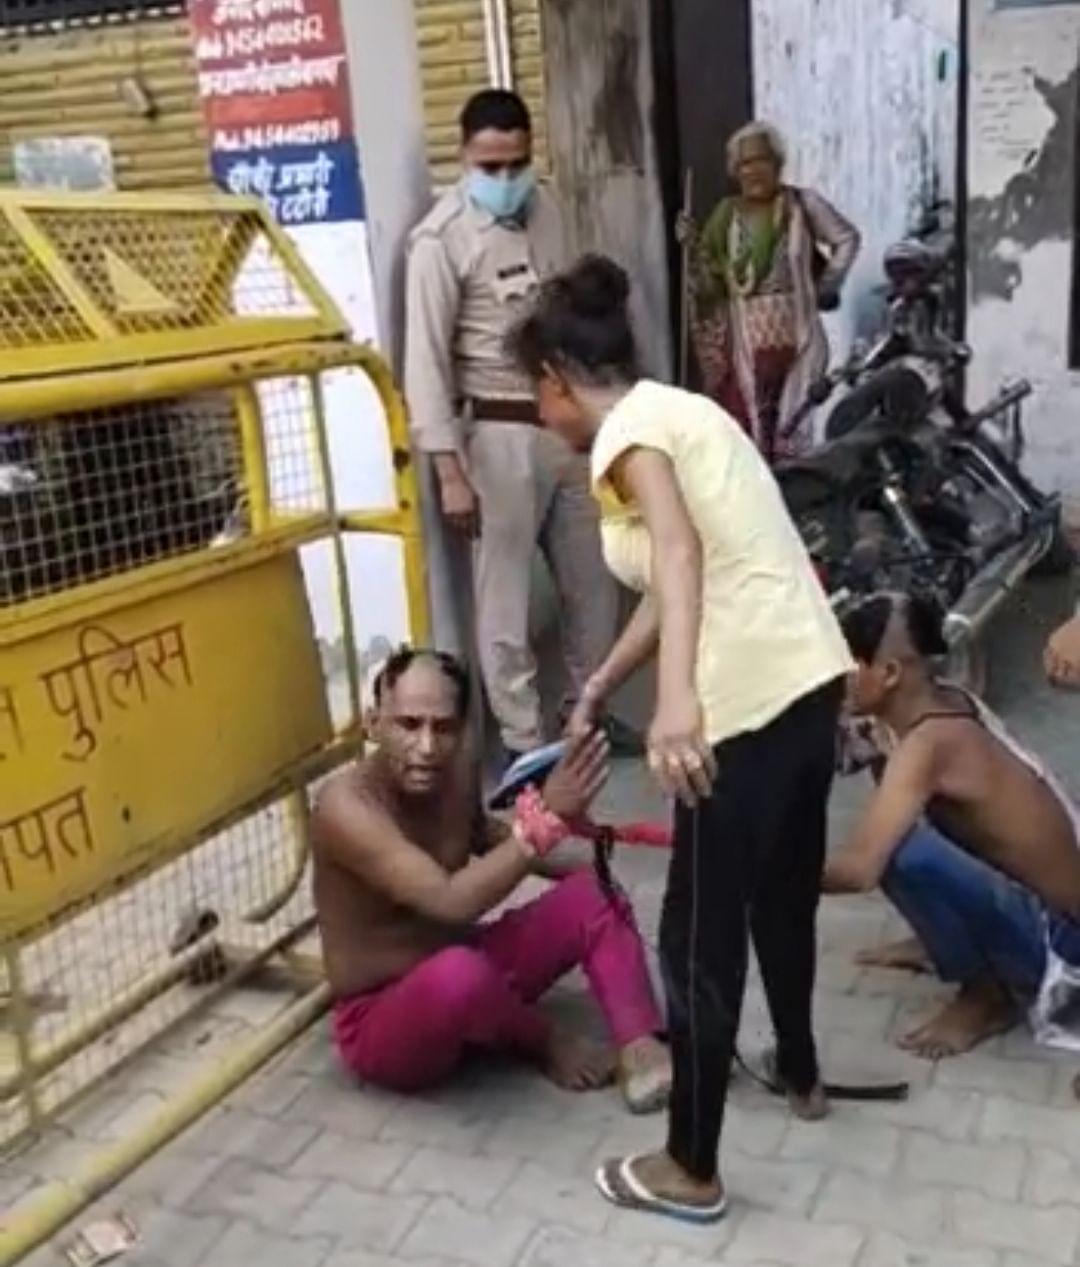 पुलिस के सामने फर्जी किन्नरों का मुंडन कर चप्पलों से पीटा